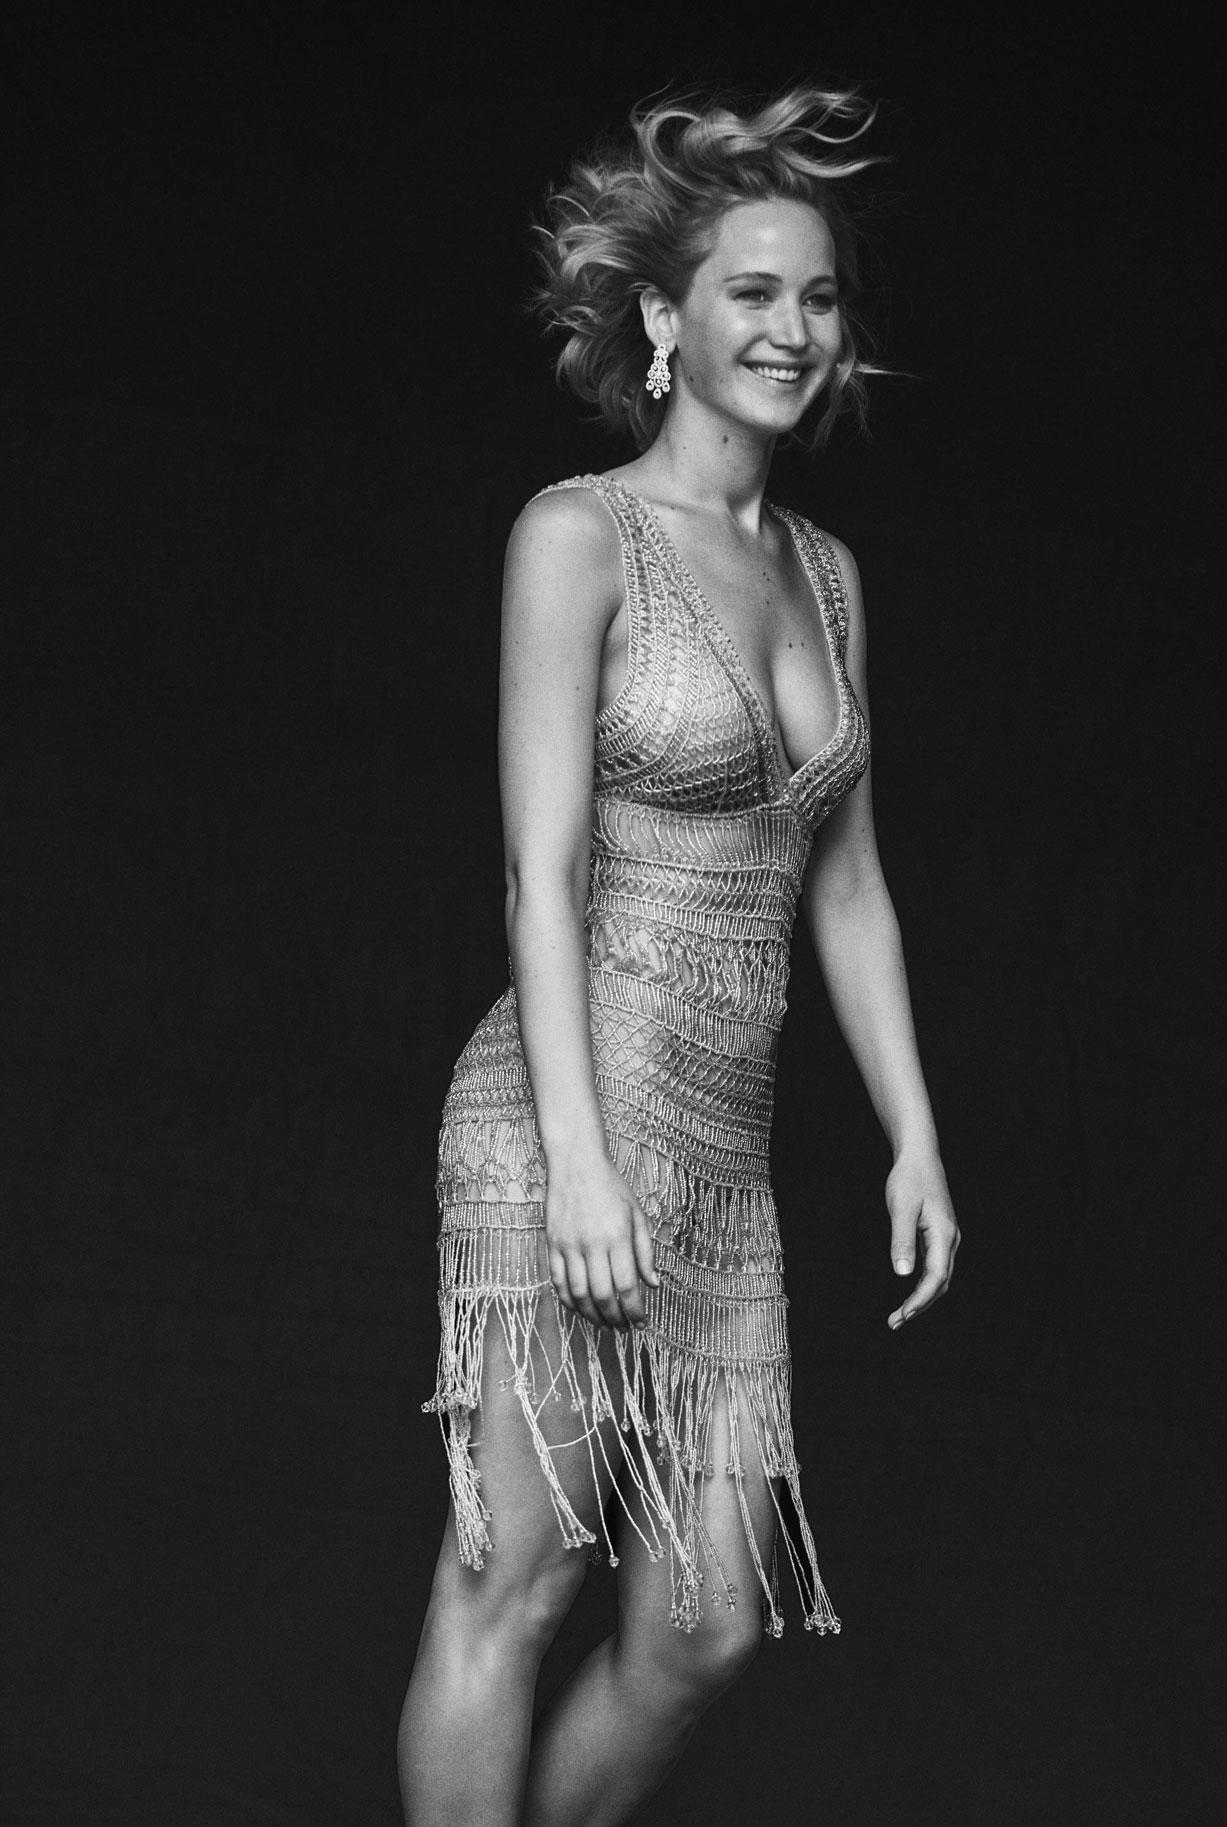 на съемочной площадке с Дженнифер Лоуренс / Jennifer Lawrence by Peter Lindbergh - Vanity Fair US Holiday 2016